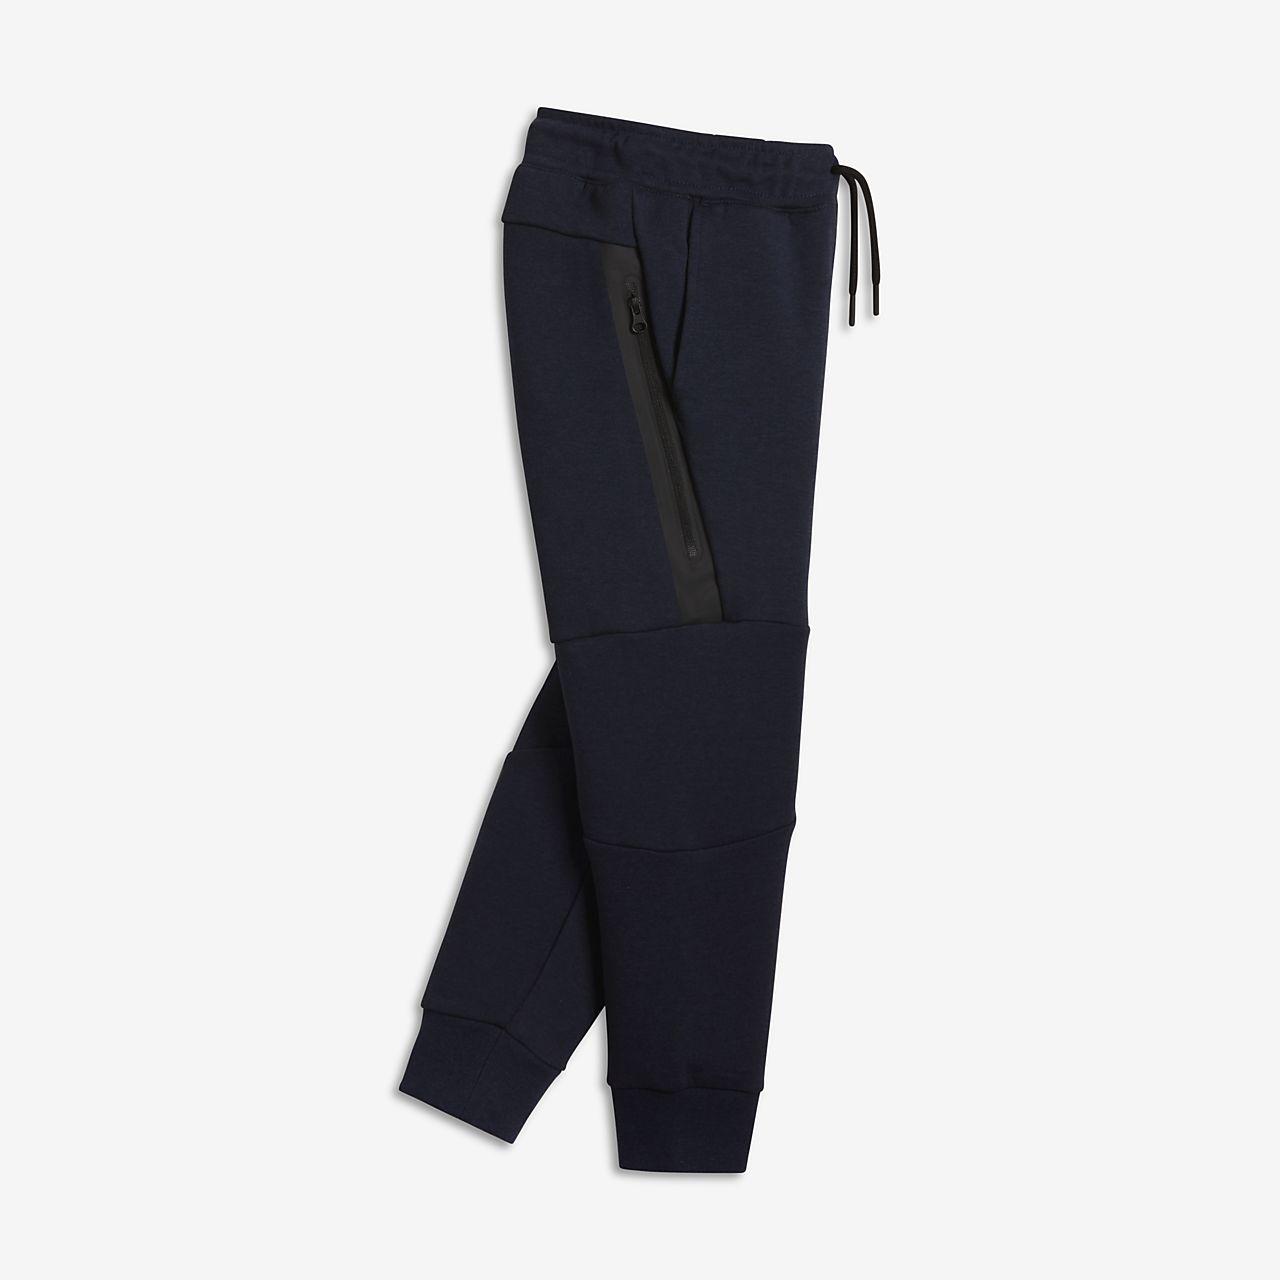 Tech Fleece Pour Pantalon Nike Jeune Enfant 3j54ARLq